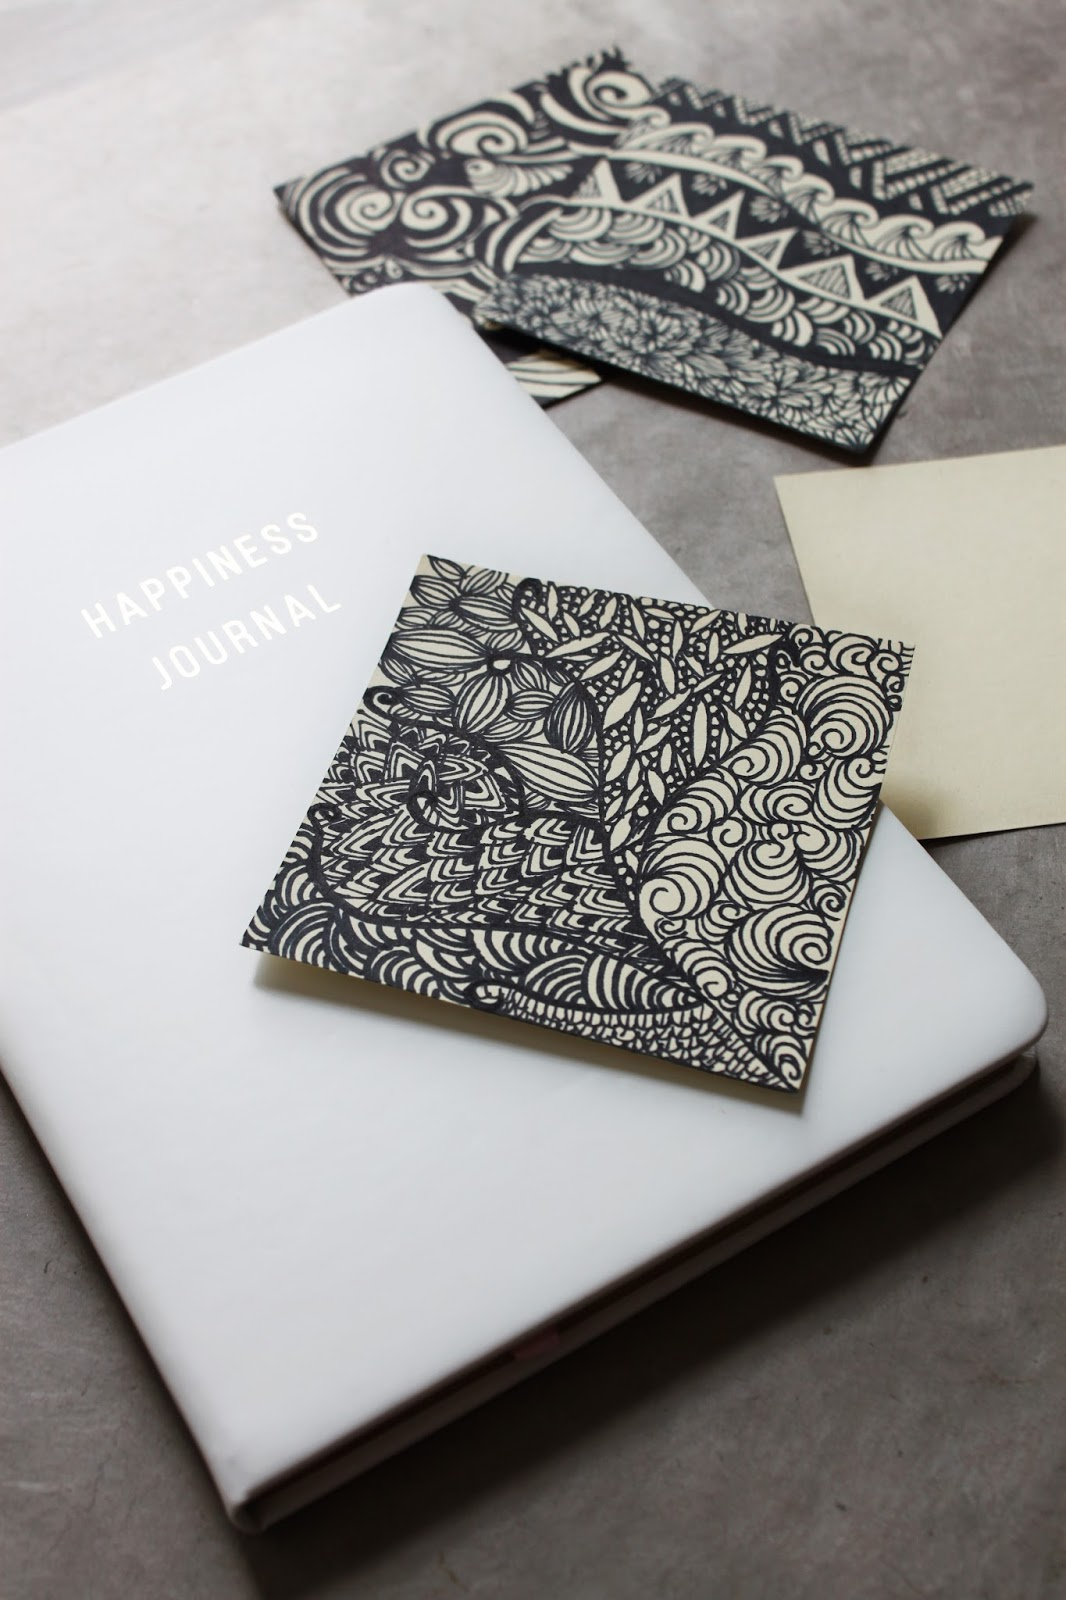 Comment méditer par le dessin avec le Zentangle - Inspiration, Règle, Motifs, exemples - @DEUXAIMES